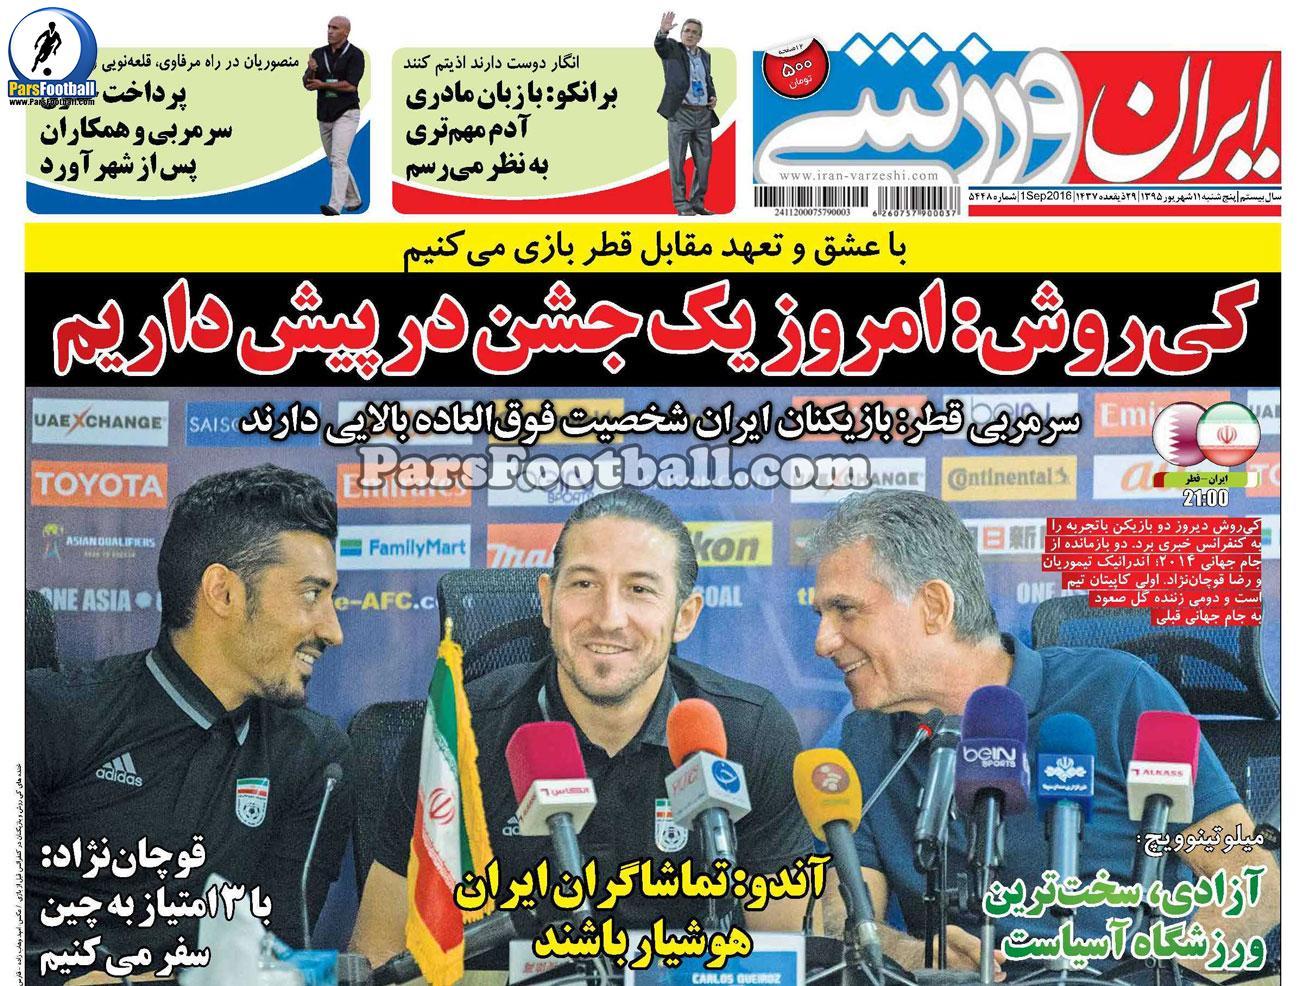 روزنامه ایران ورزشی پنجشنبه 11 شهریور 95